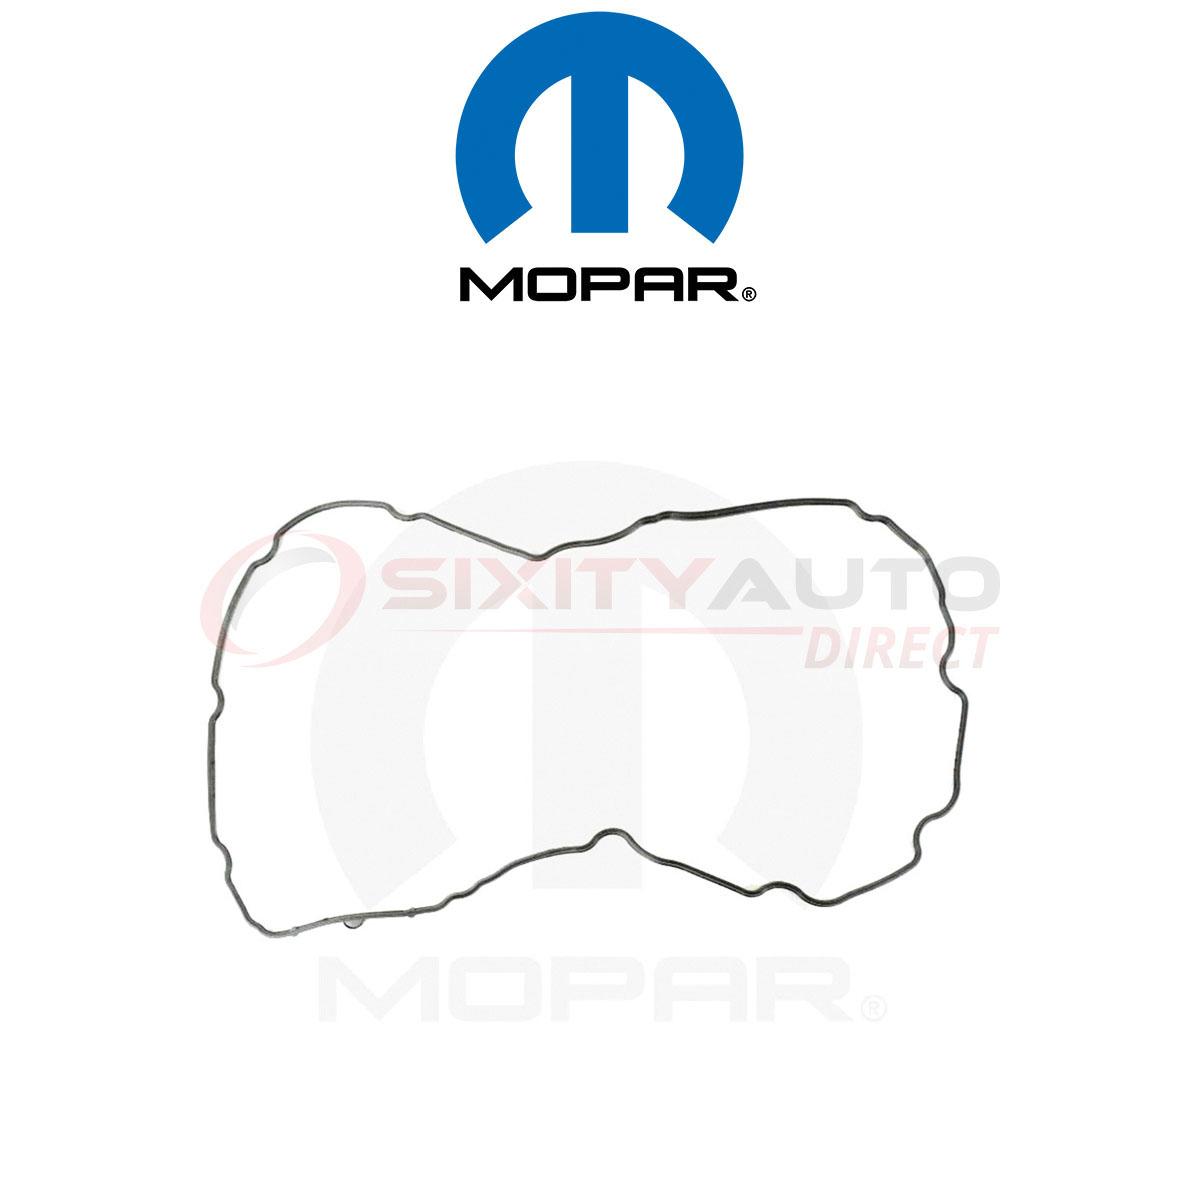 Mopar Valve Cover Gasket for 2002-2003 Dodge Ram 1500 4.7L